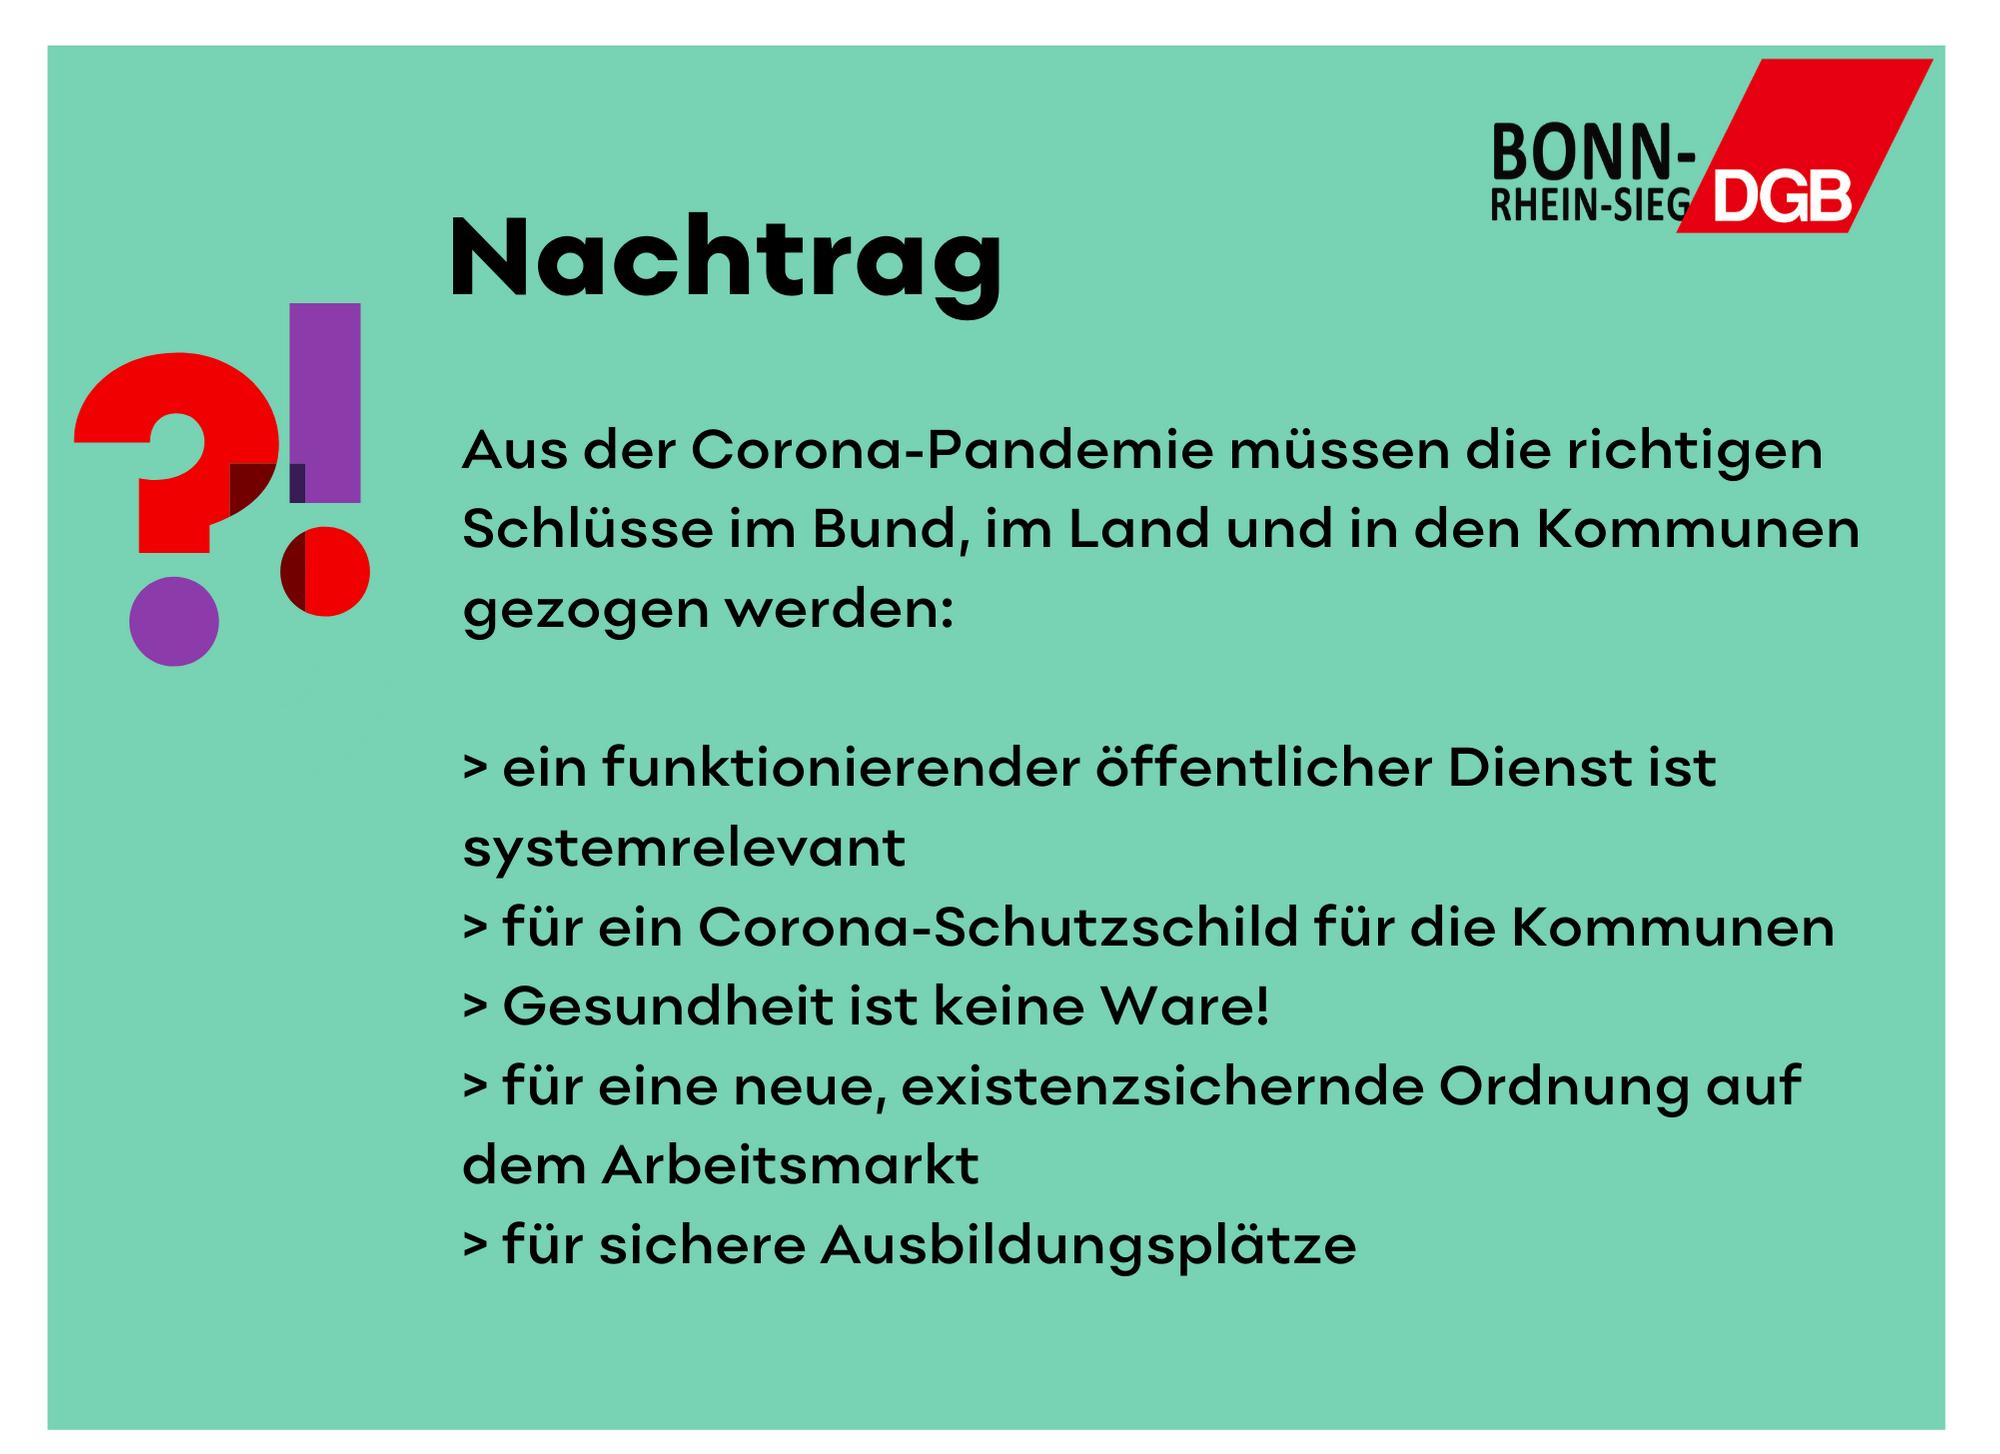 DGB Bonn/Rhein-Sieg